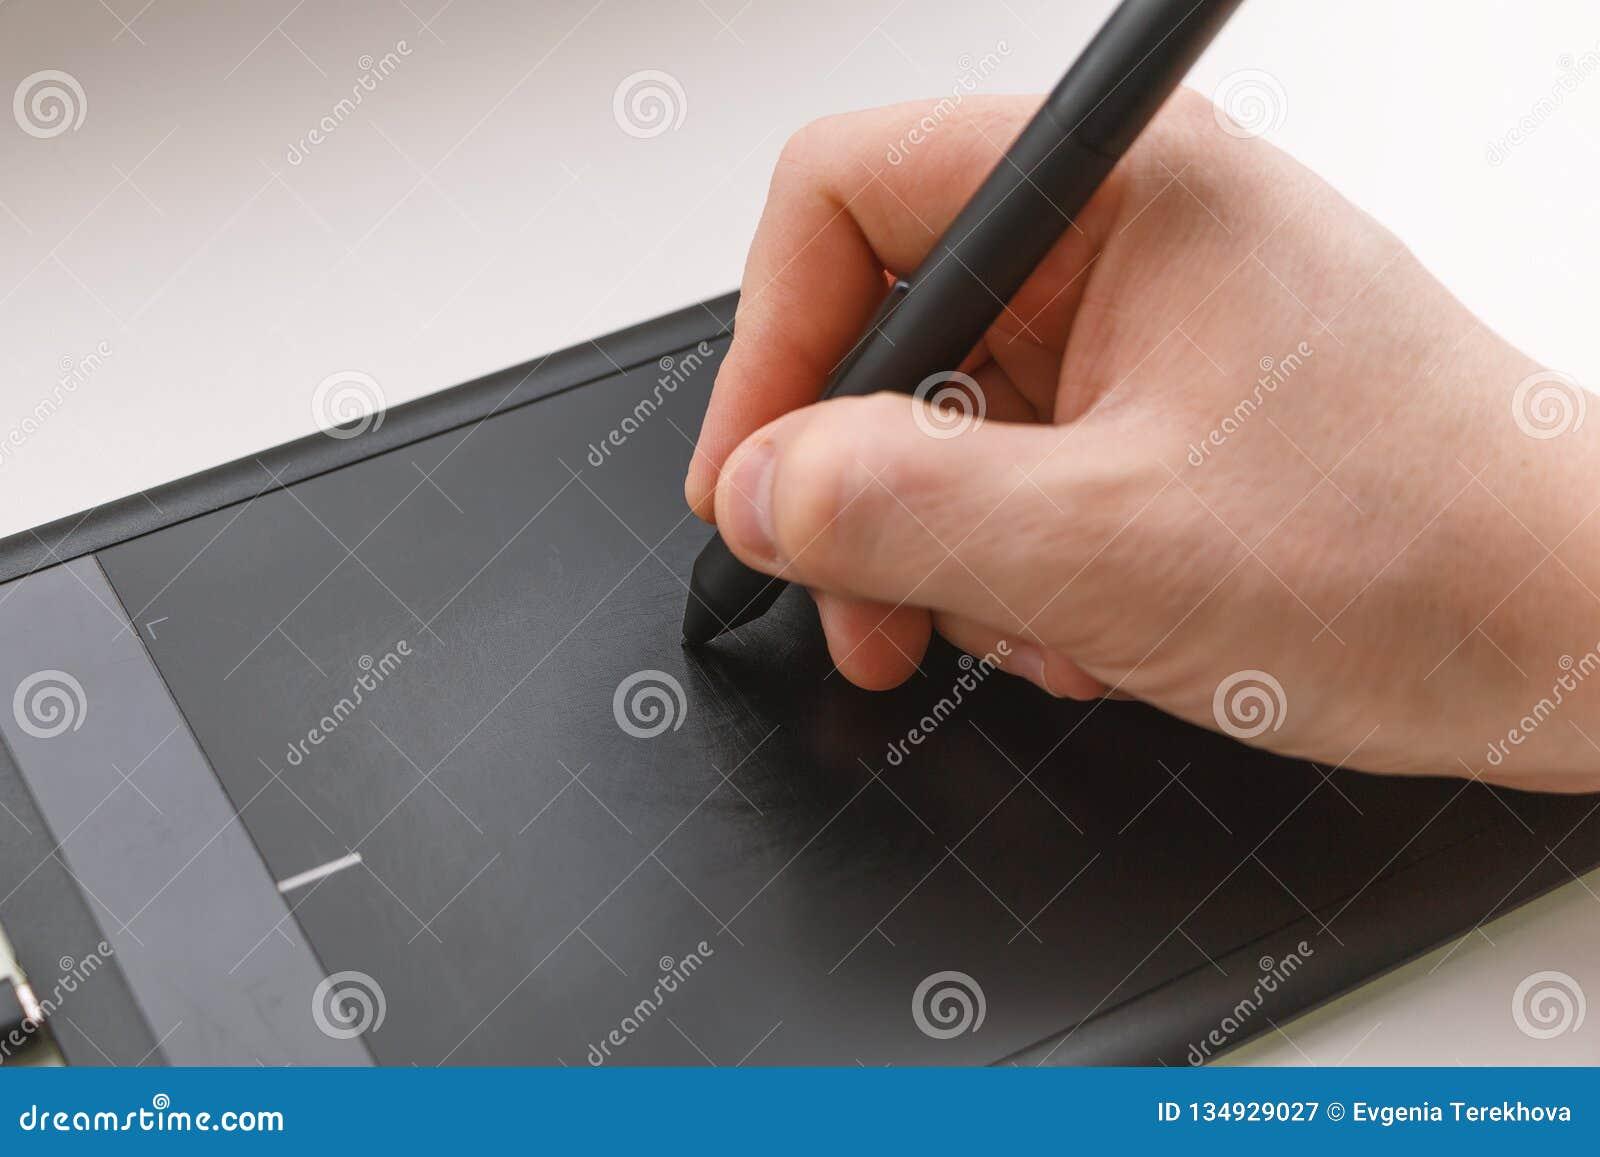 La mano de los hombres dibuja en una tableta de gráficos usando una aguja